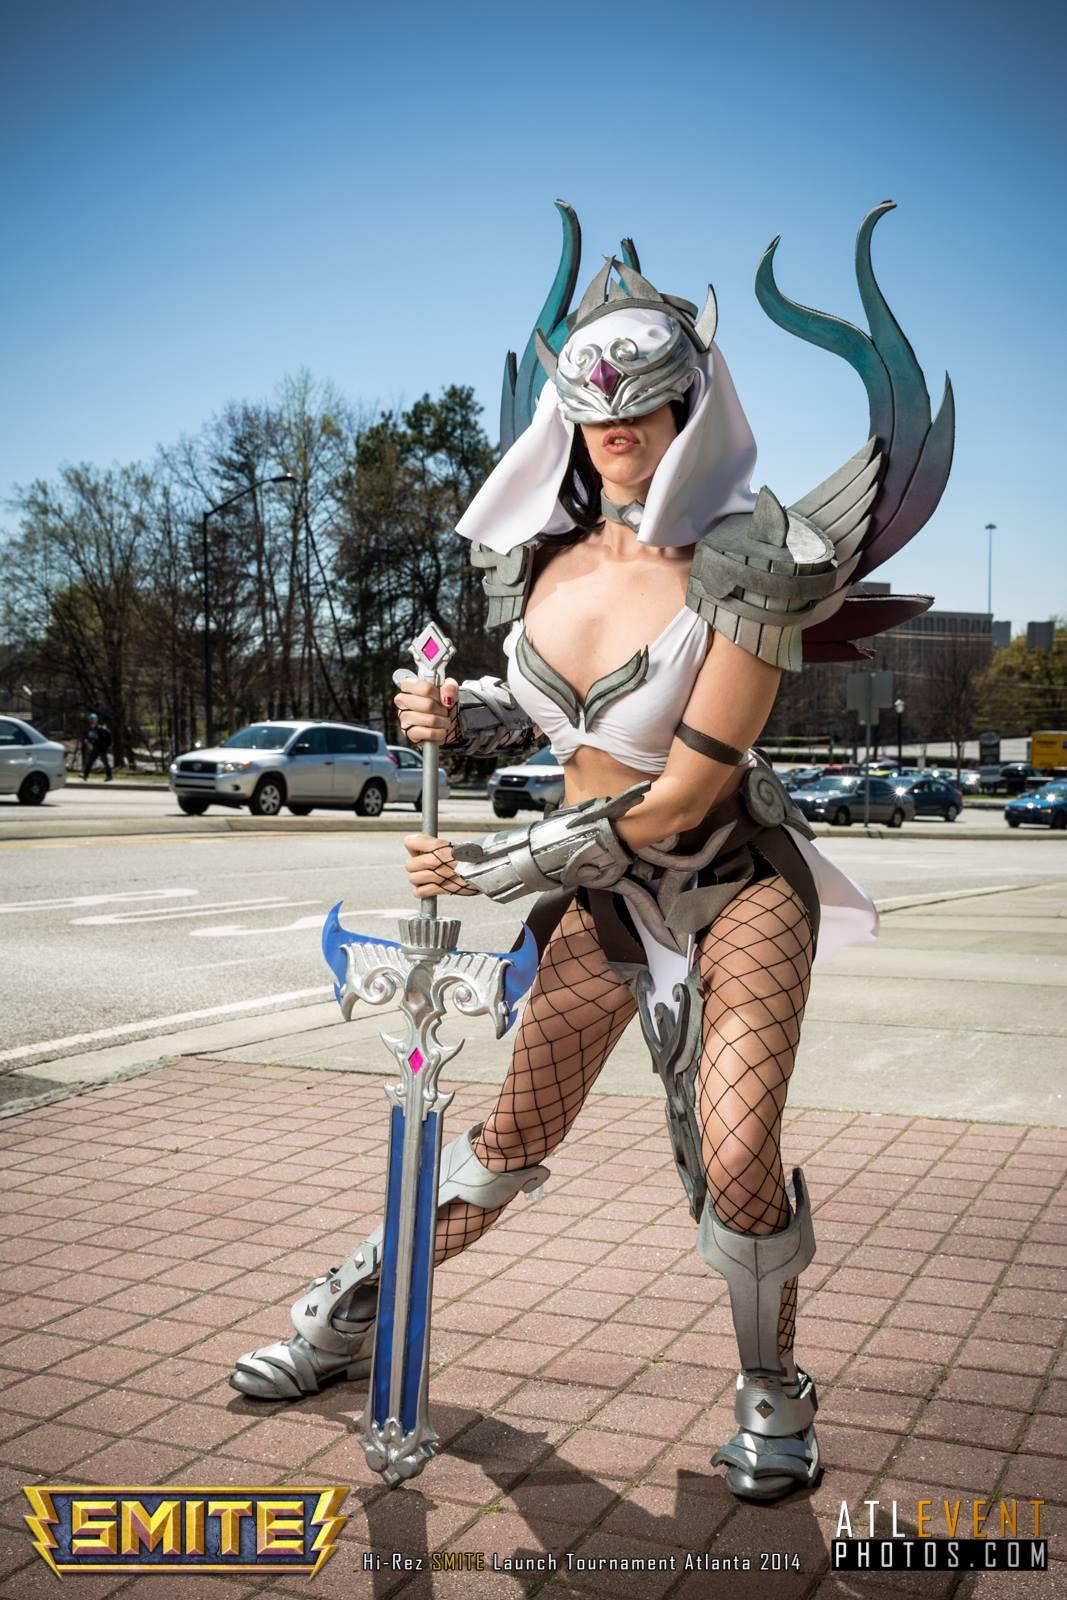 Ngắm cosplay tại SMITE Launch Tournament - Ảnh 67